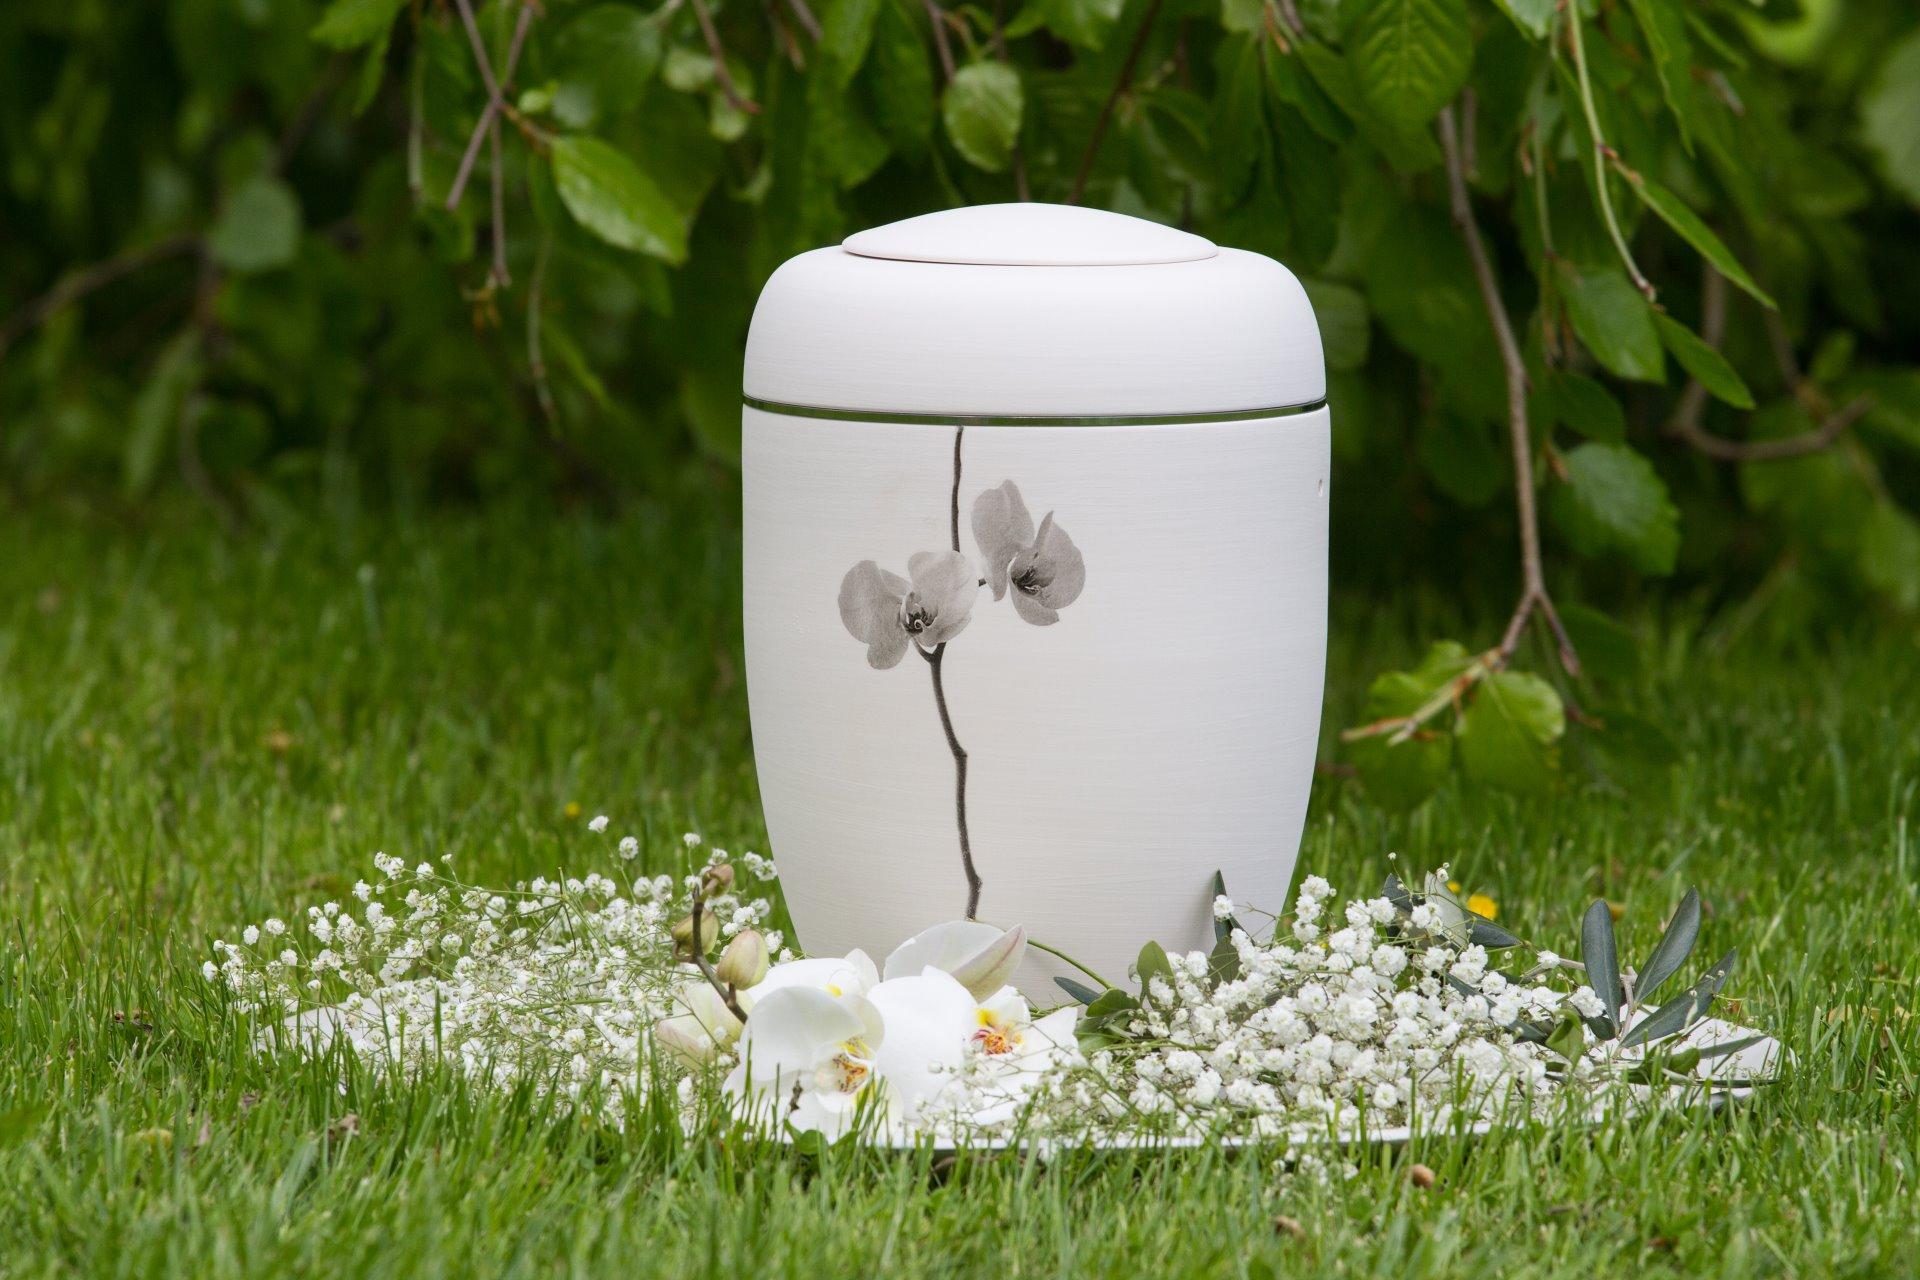 Wiese mit Blumenuntergrund und Urne